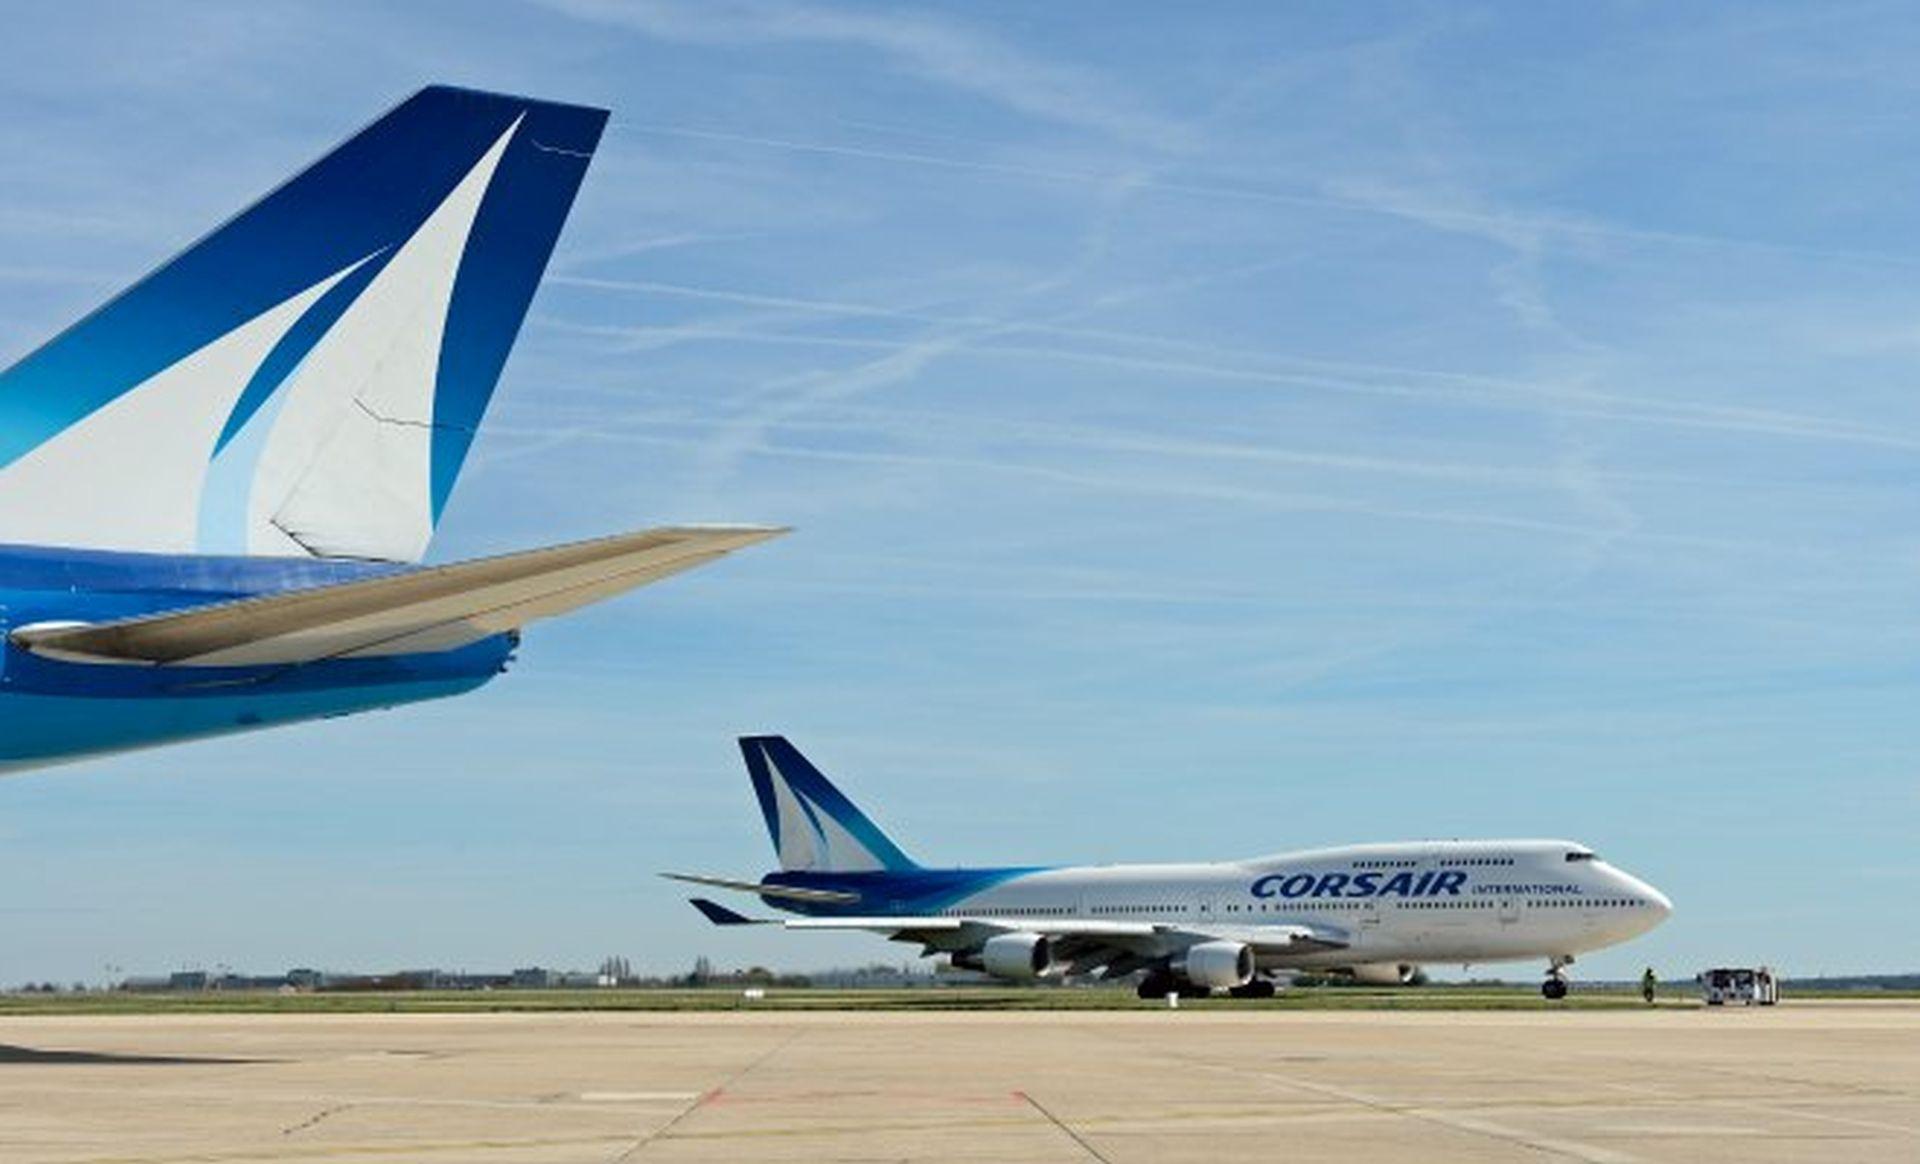 Corsair a jeho Boeing 747-400. Foto: Corsair